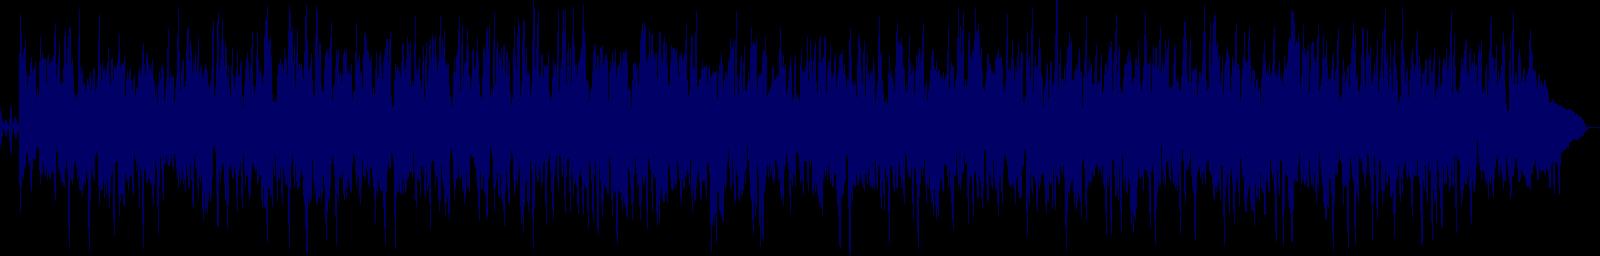 waveform of track #164383